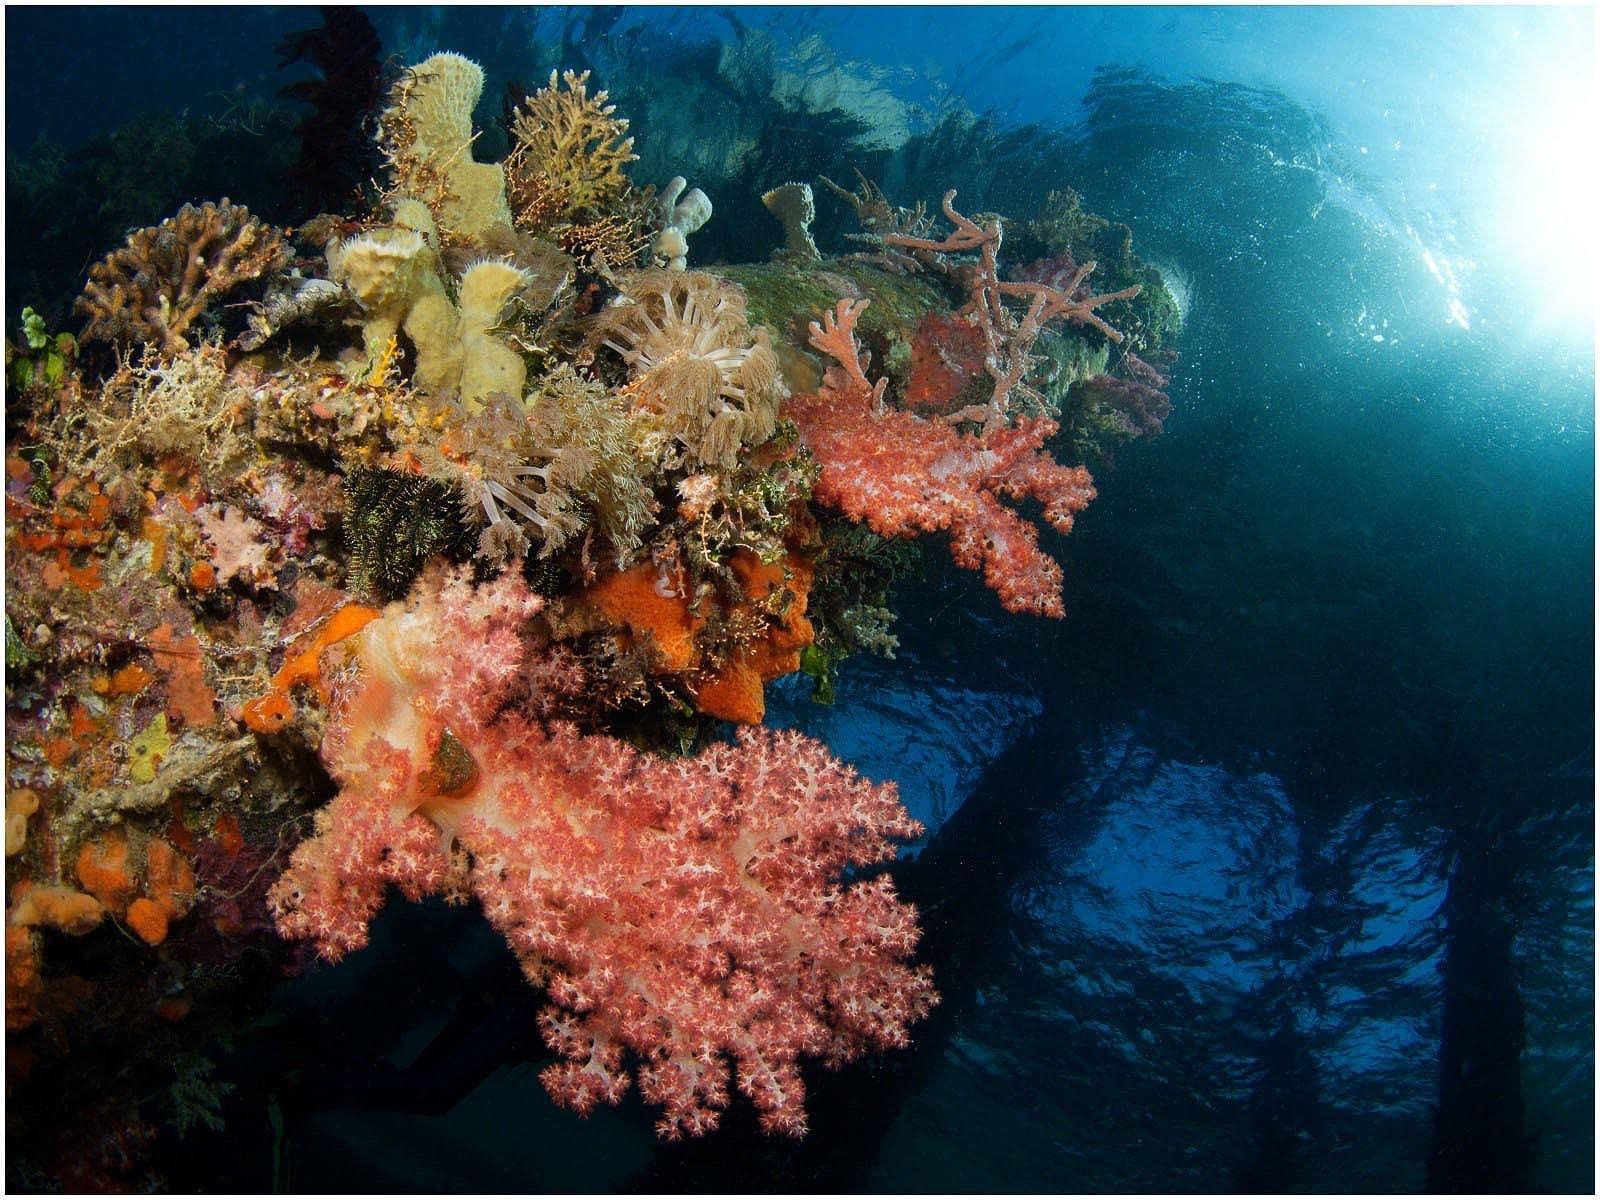 Bakalang Pier Underwater, Alor